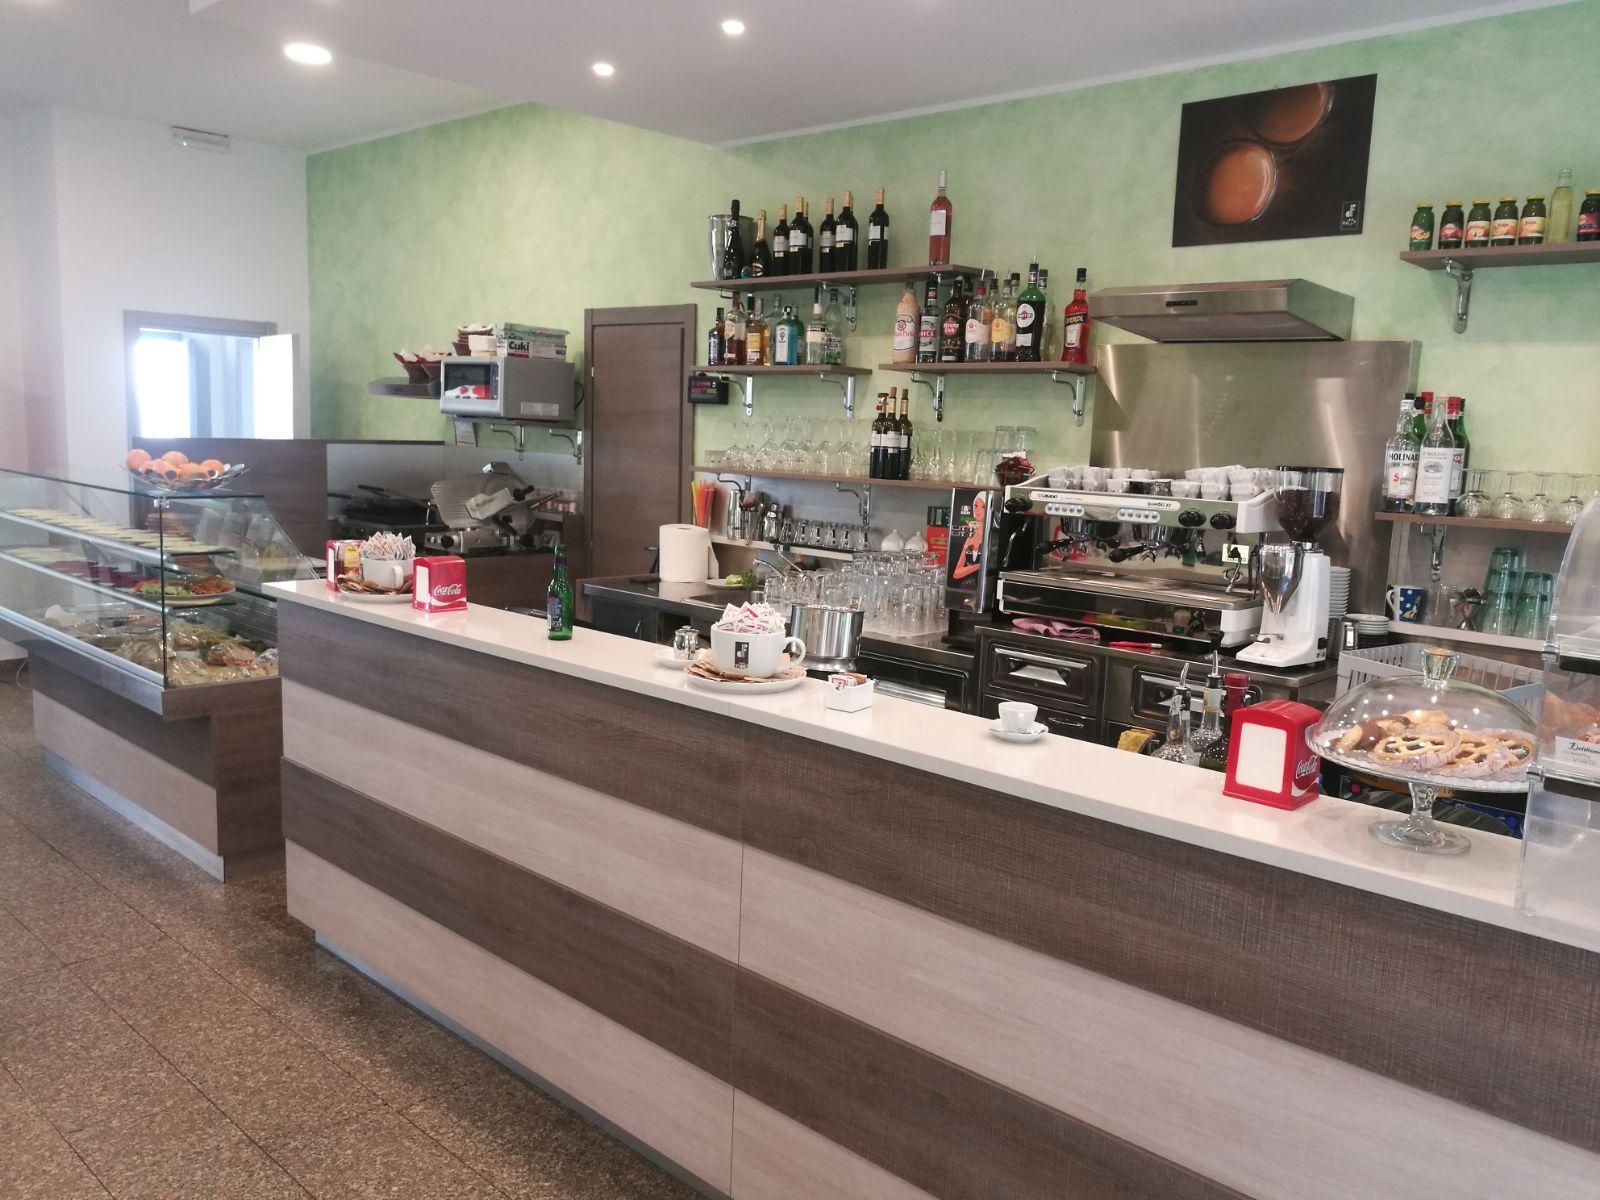 Tavolino Del Bar.Quale Materiale Scegliere Per I Tavolini Del Bar Sama Di